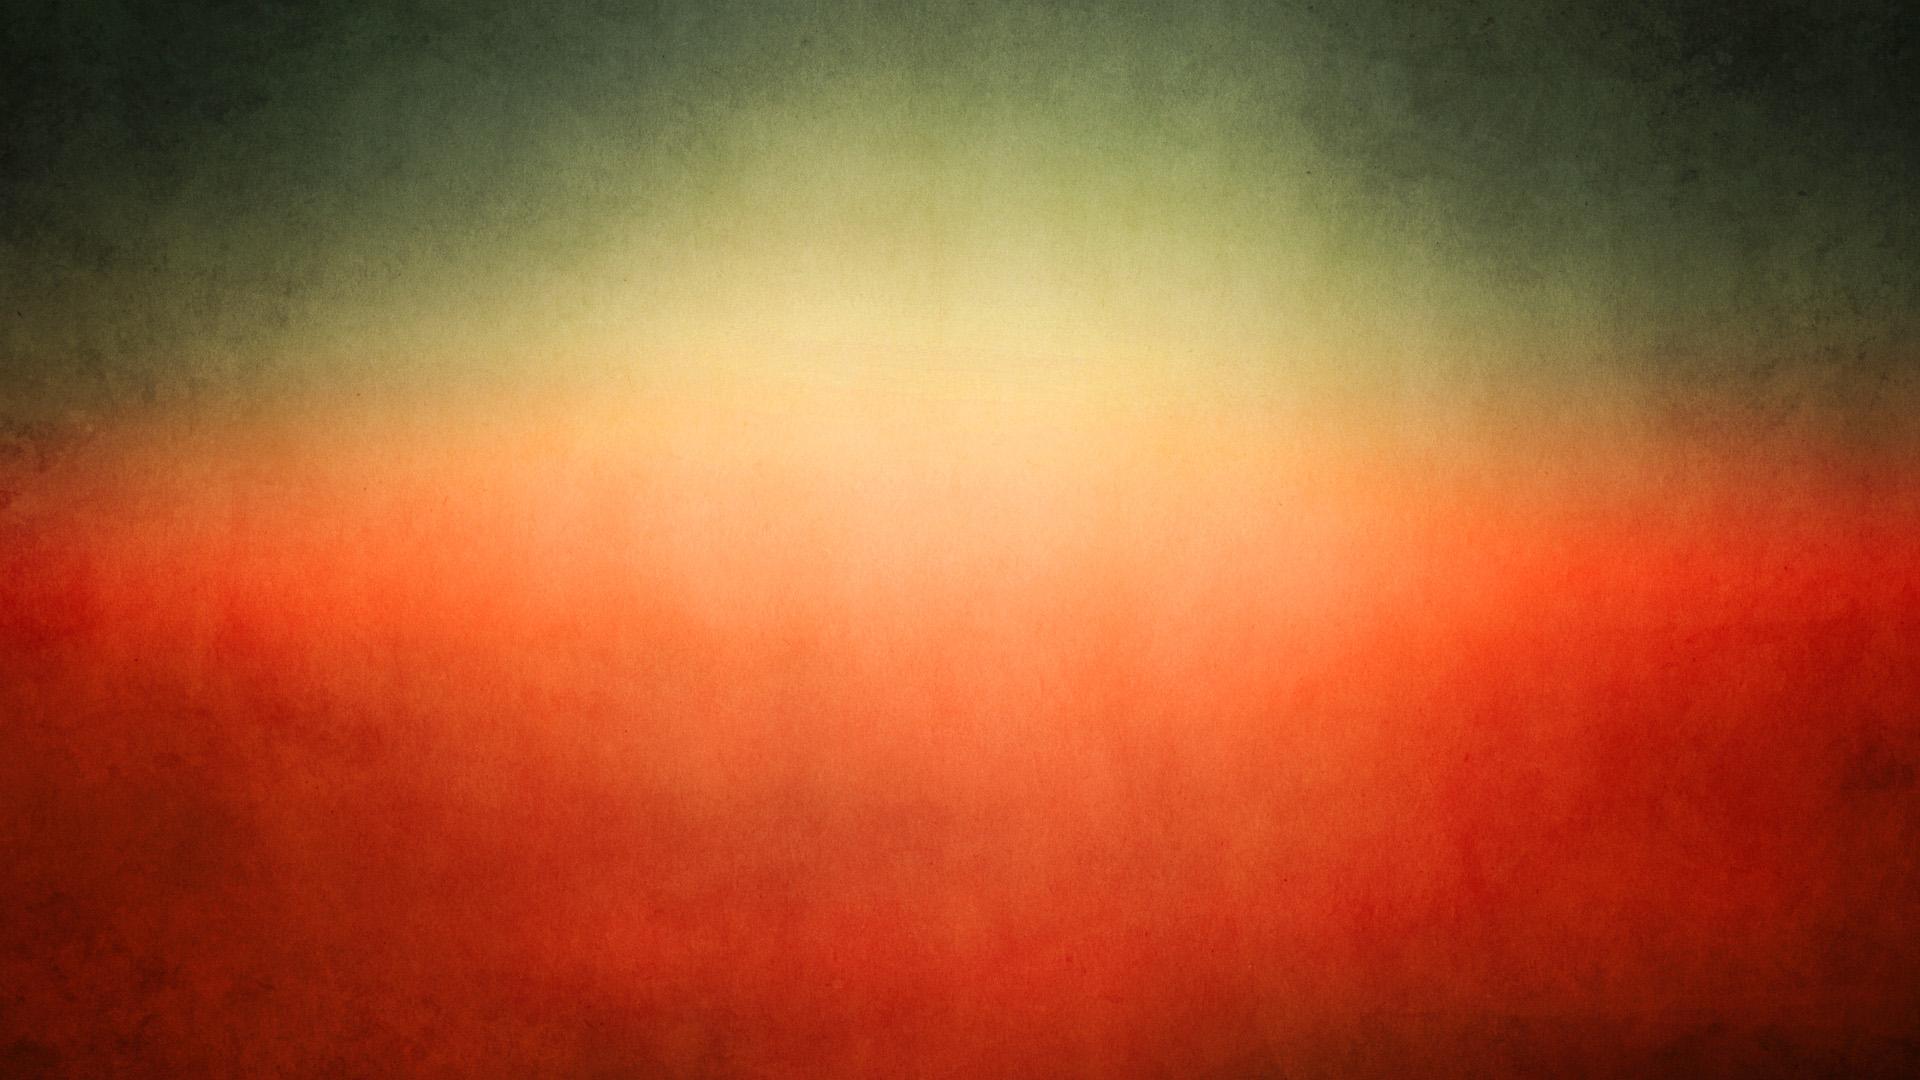 Make a Gradient Wallpaper - WallpaperSafari